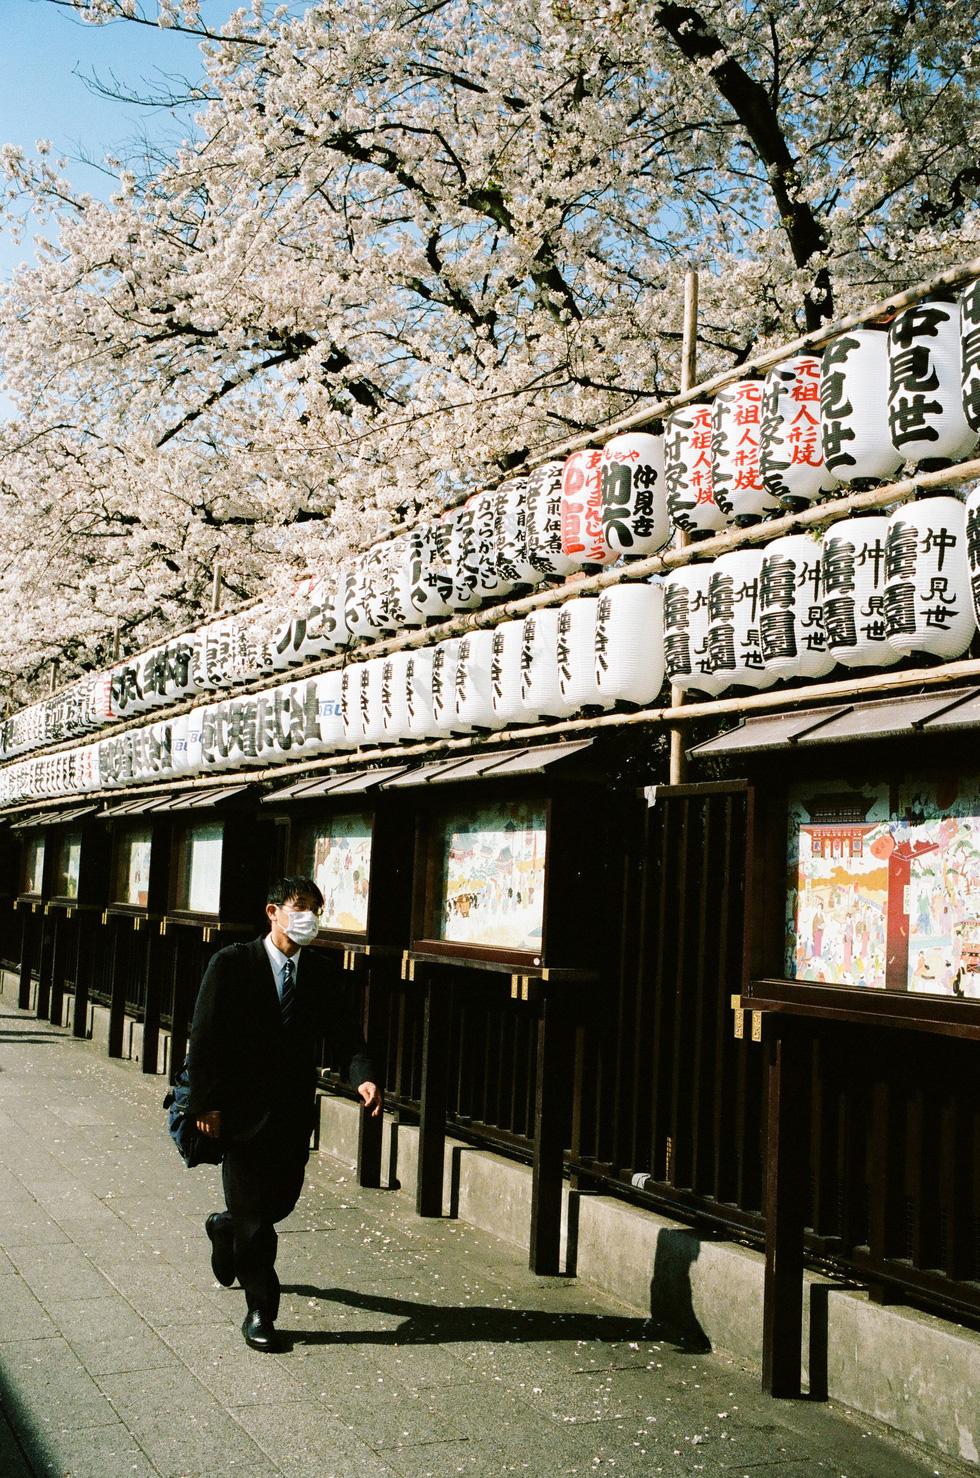 Nhật Bản cổ kính và rực rỡ qua ảnh phim  - Ảnh 4.